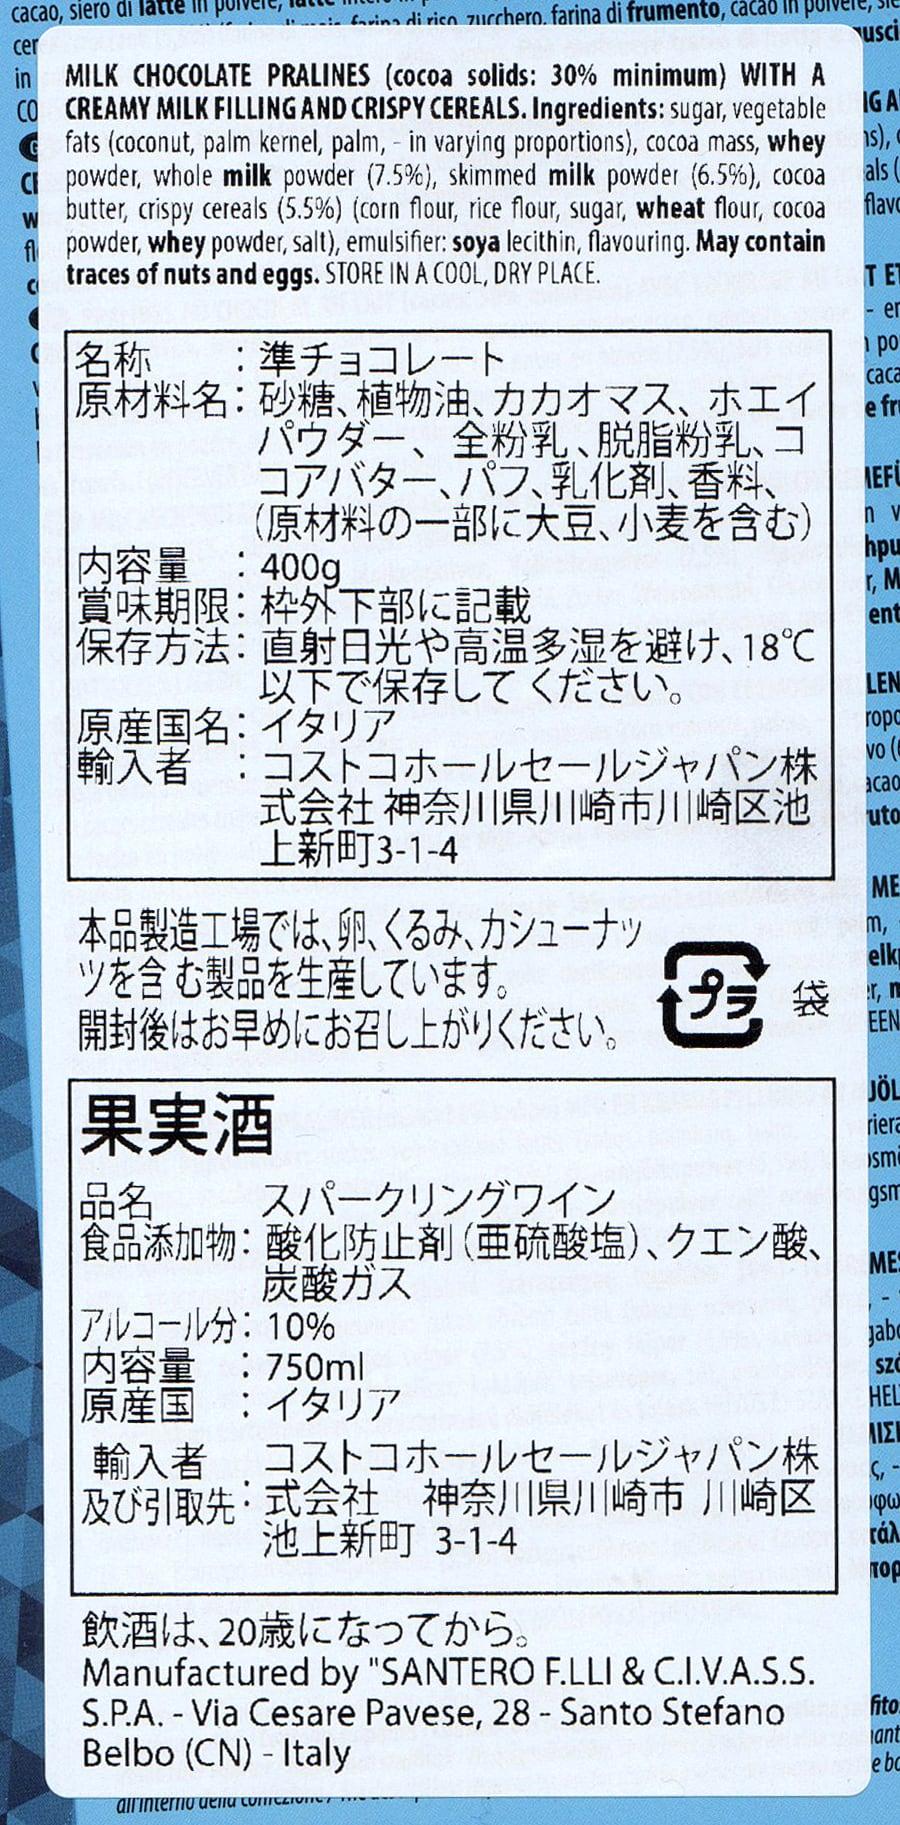 ウィダーズ ギフトバケット 商品ラベル(原材料ほか)